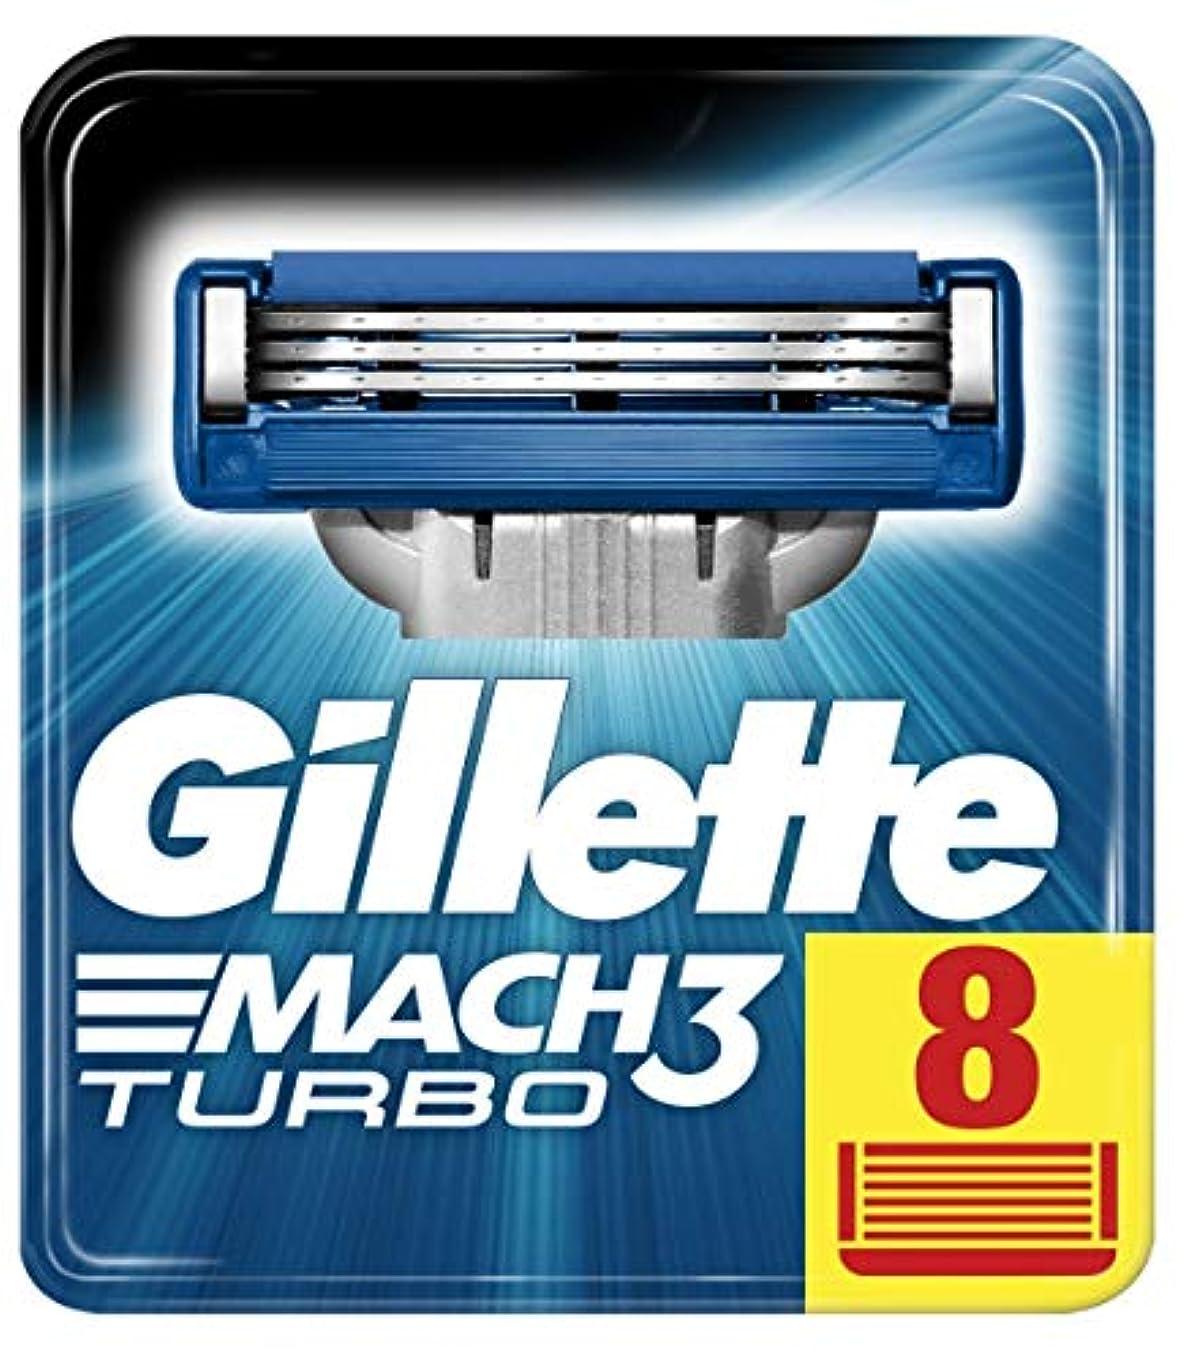 工業化する操縦する磁気ジレット マッハスリーターボ 替刃8個入